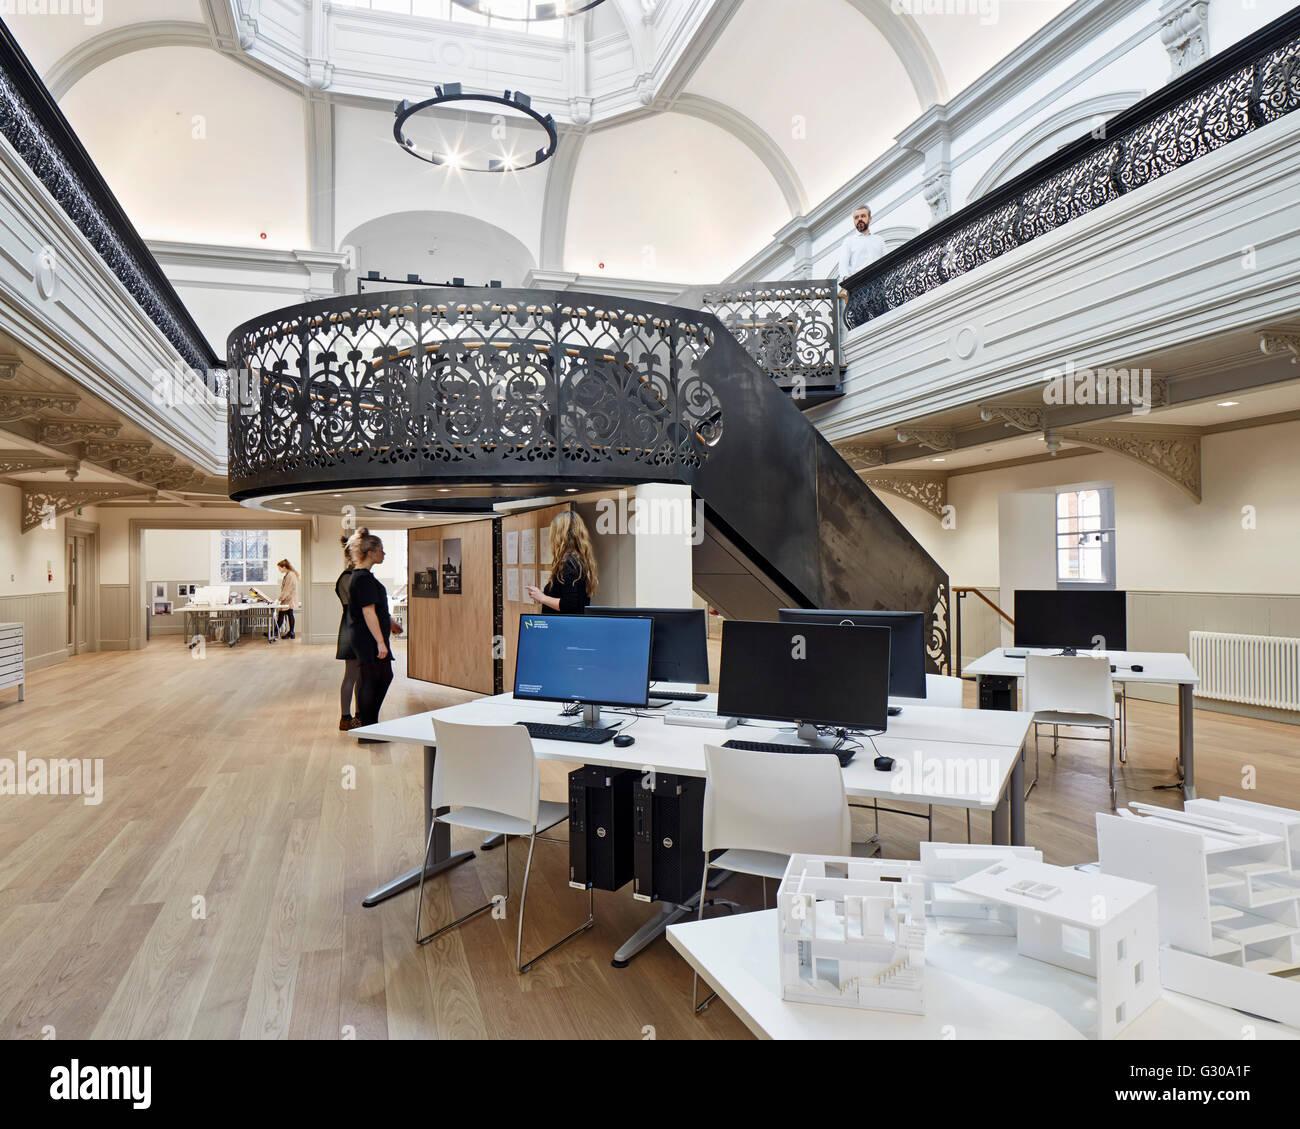 Architekt Lehre lehre crit in wichtigsten atrium unter zentrale treppe boardman